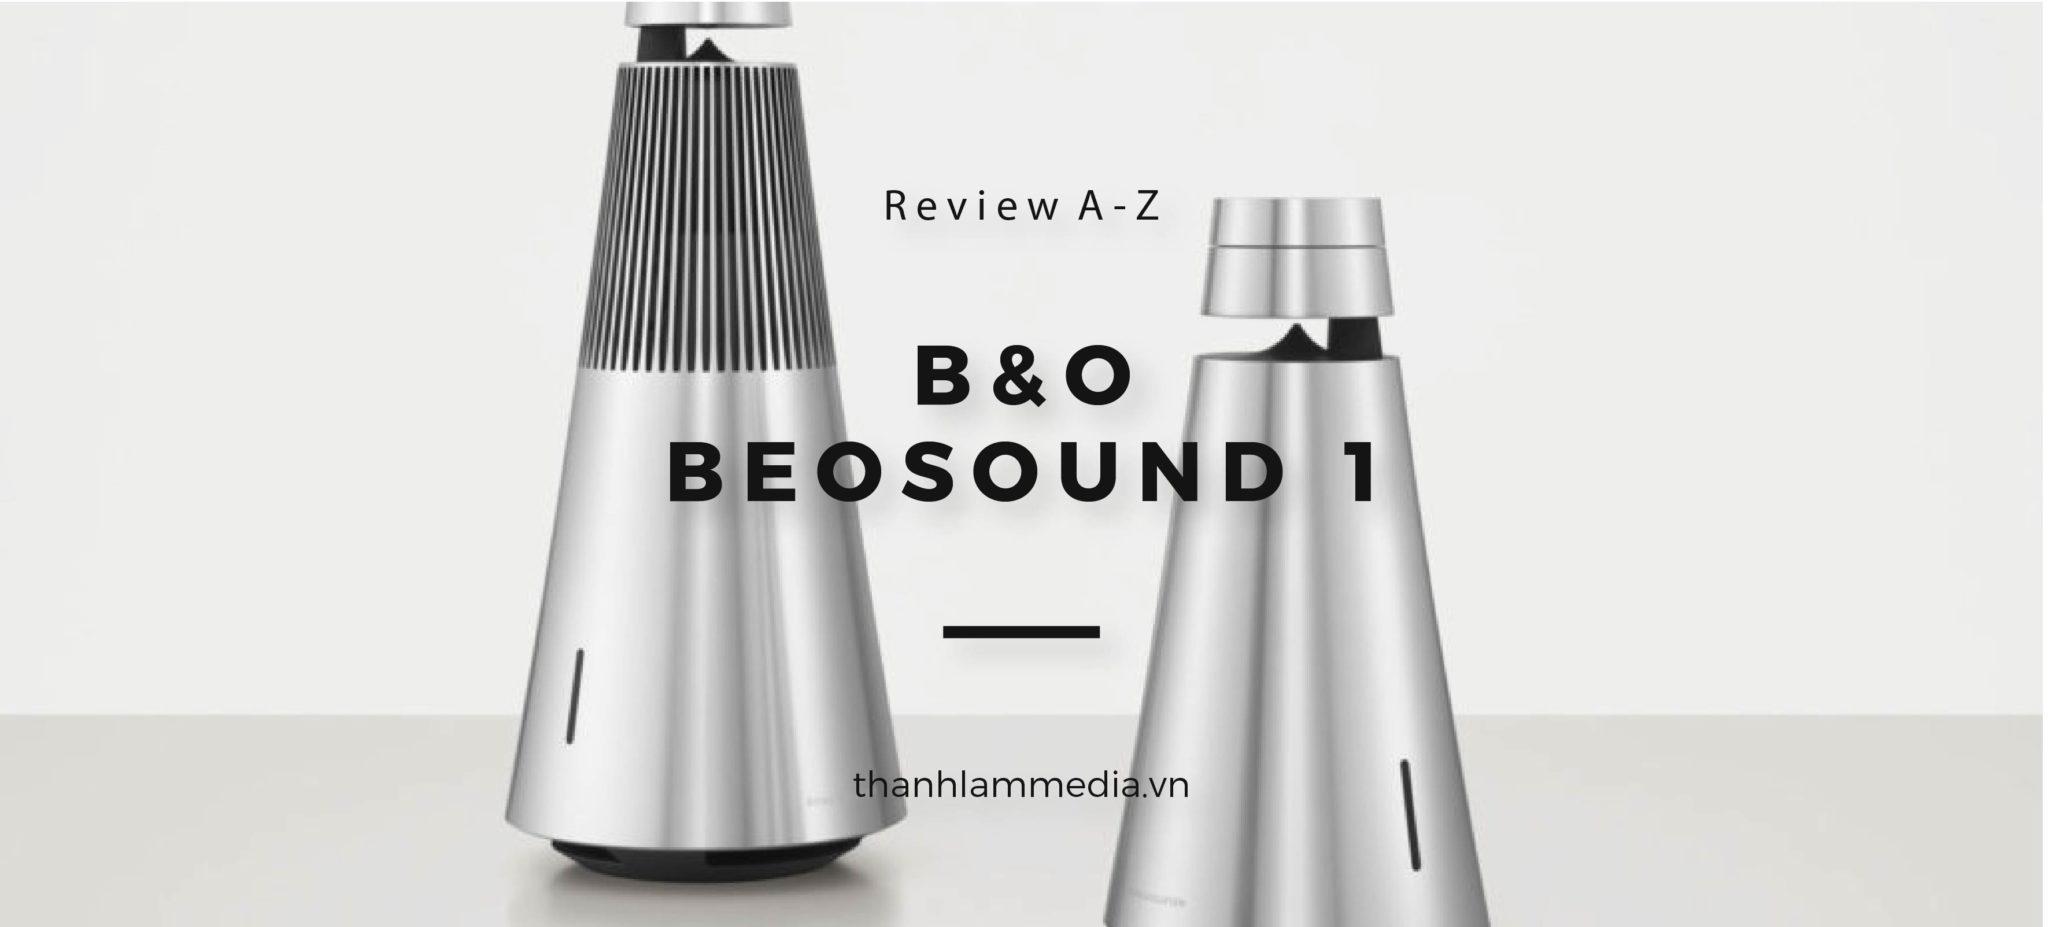 Review Đánh giá chi tiết về loa Bluetooth B&O Beosound 1 1